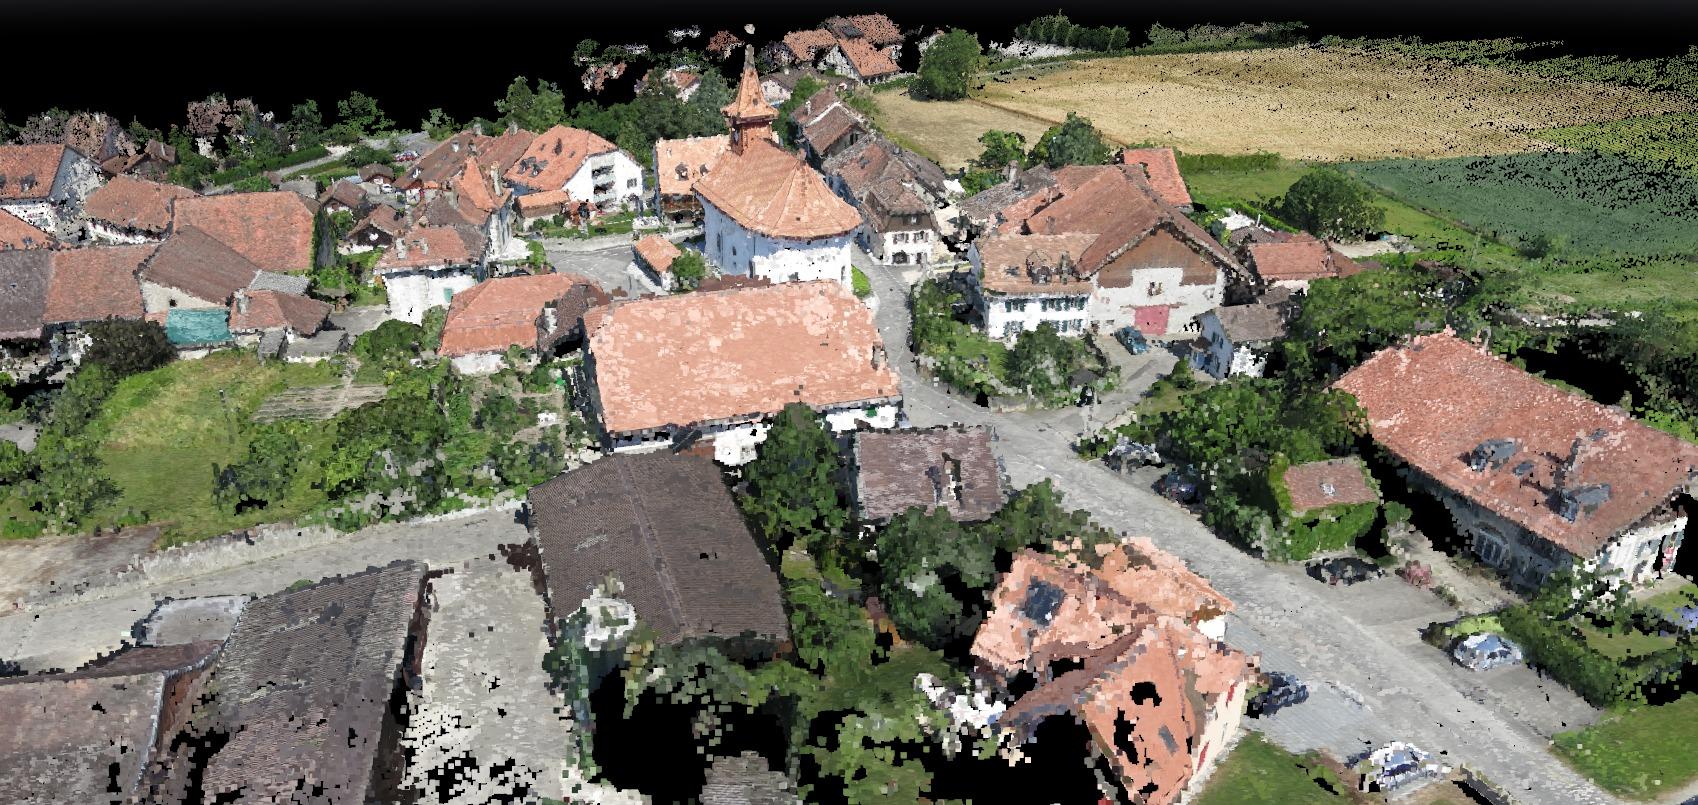 Village Photo Set Point Cloud